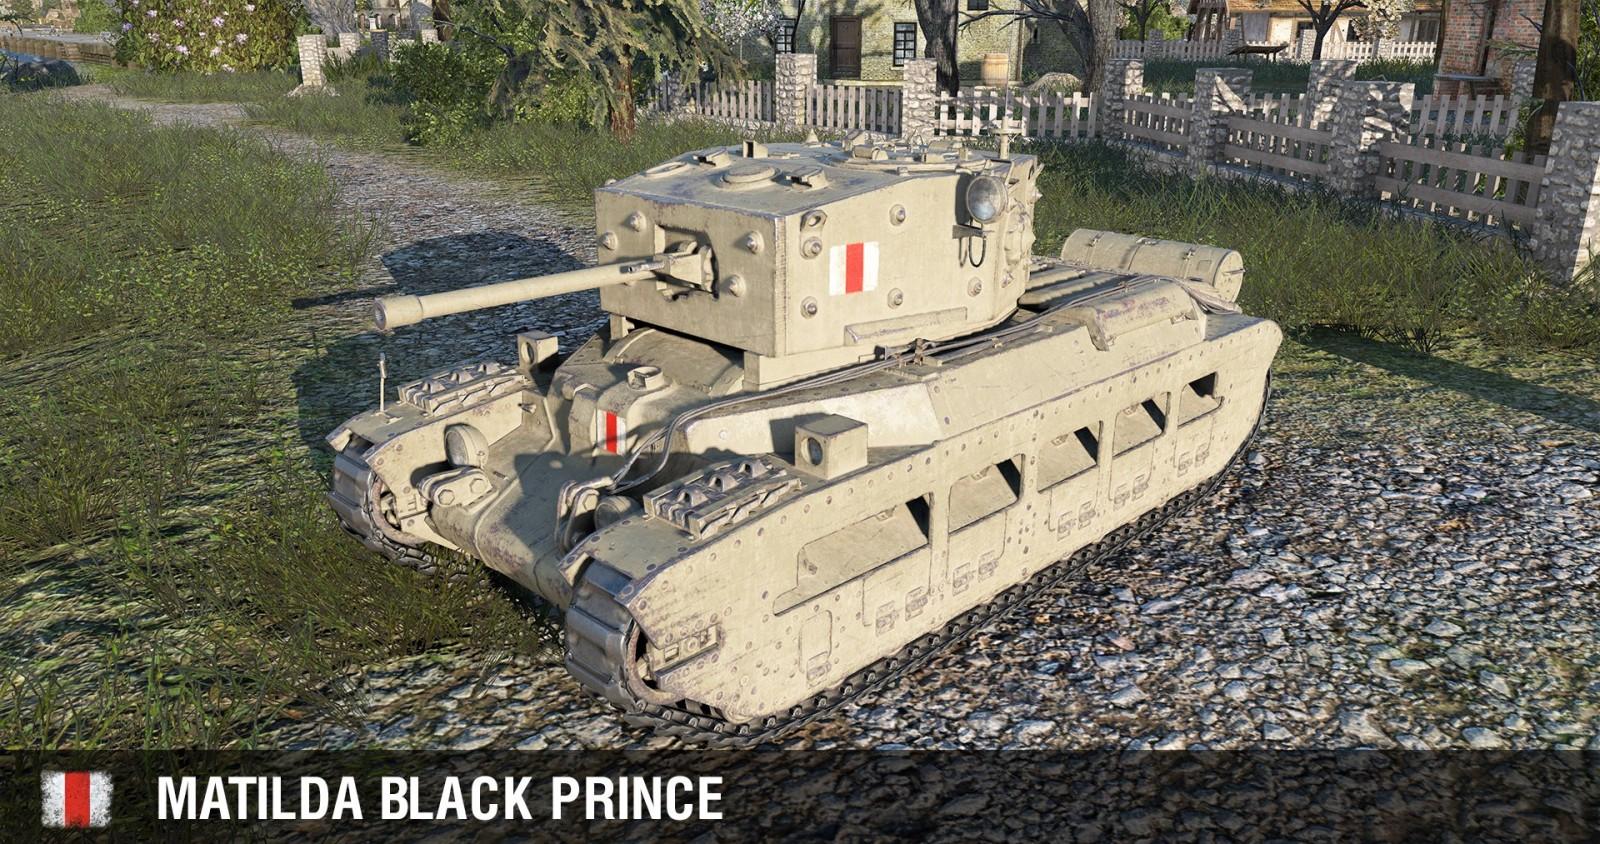 Svet tankov Matilda čierny princ dohazování